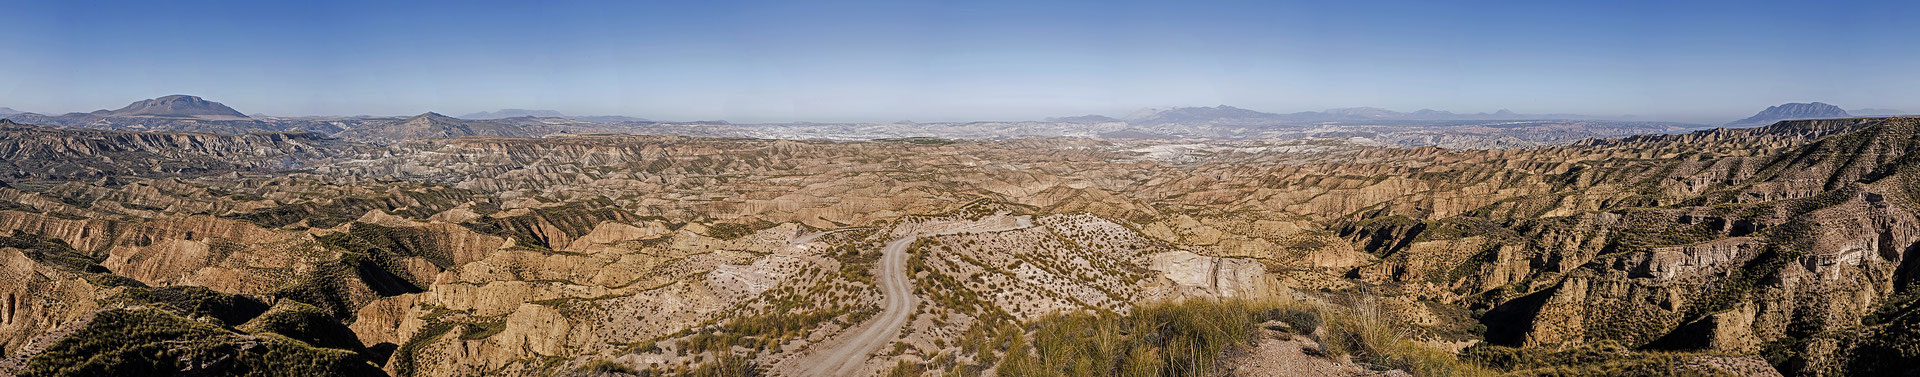 Desierto de Gorafe, panorámica de 13 imágenes